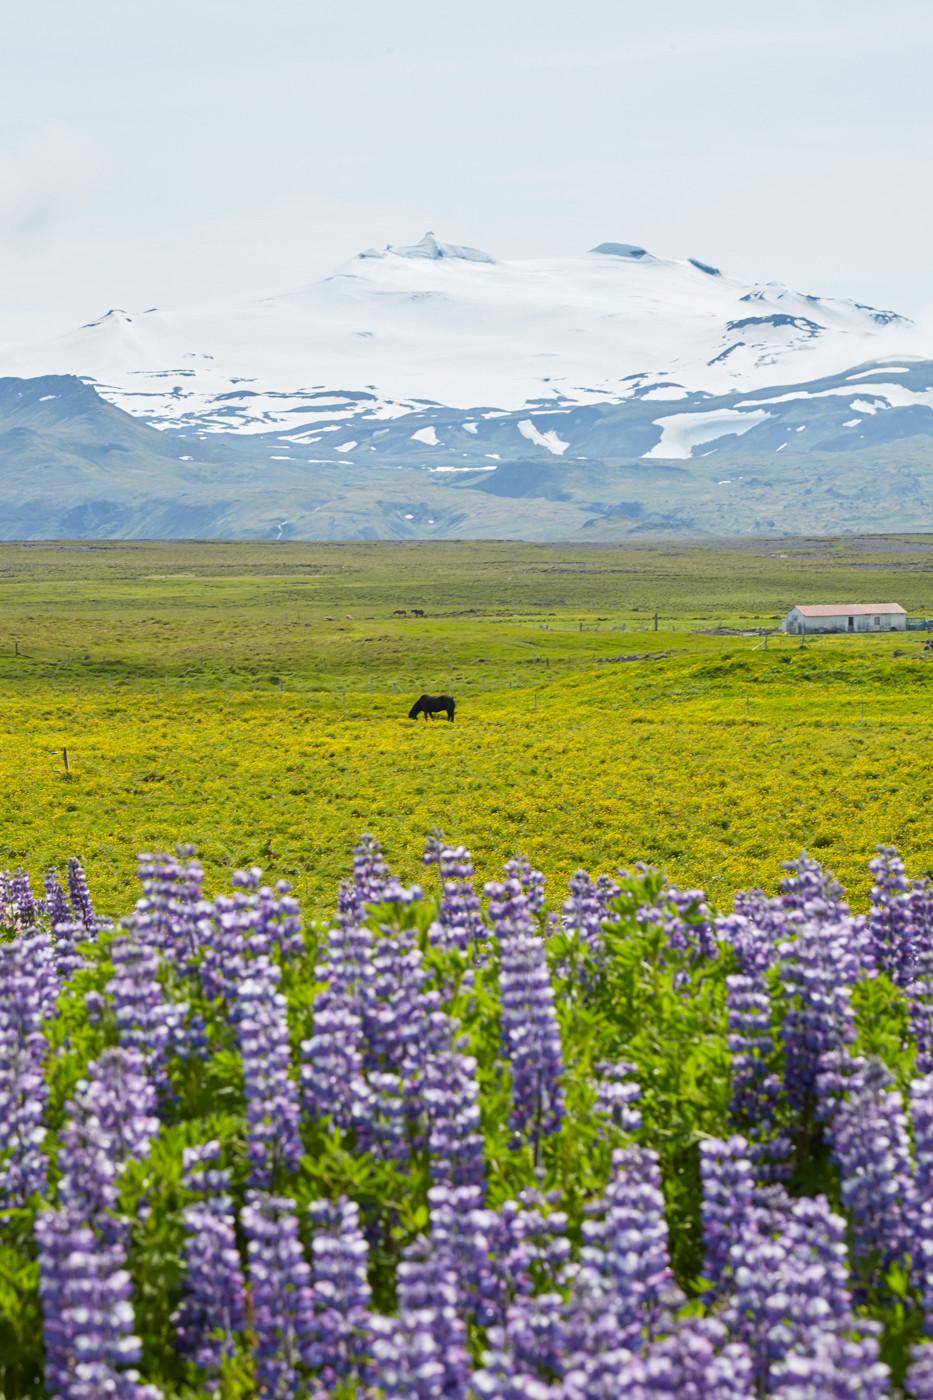 island, iceland, Landschaft, landscape, Pferd, horse, Lupinien, Lupins, Blumen, flowers, snow, Schnee, Rundreise, Roadtrip